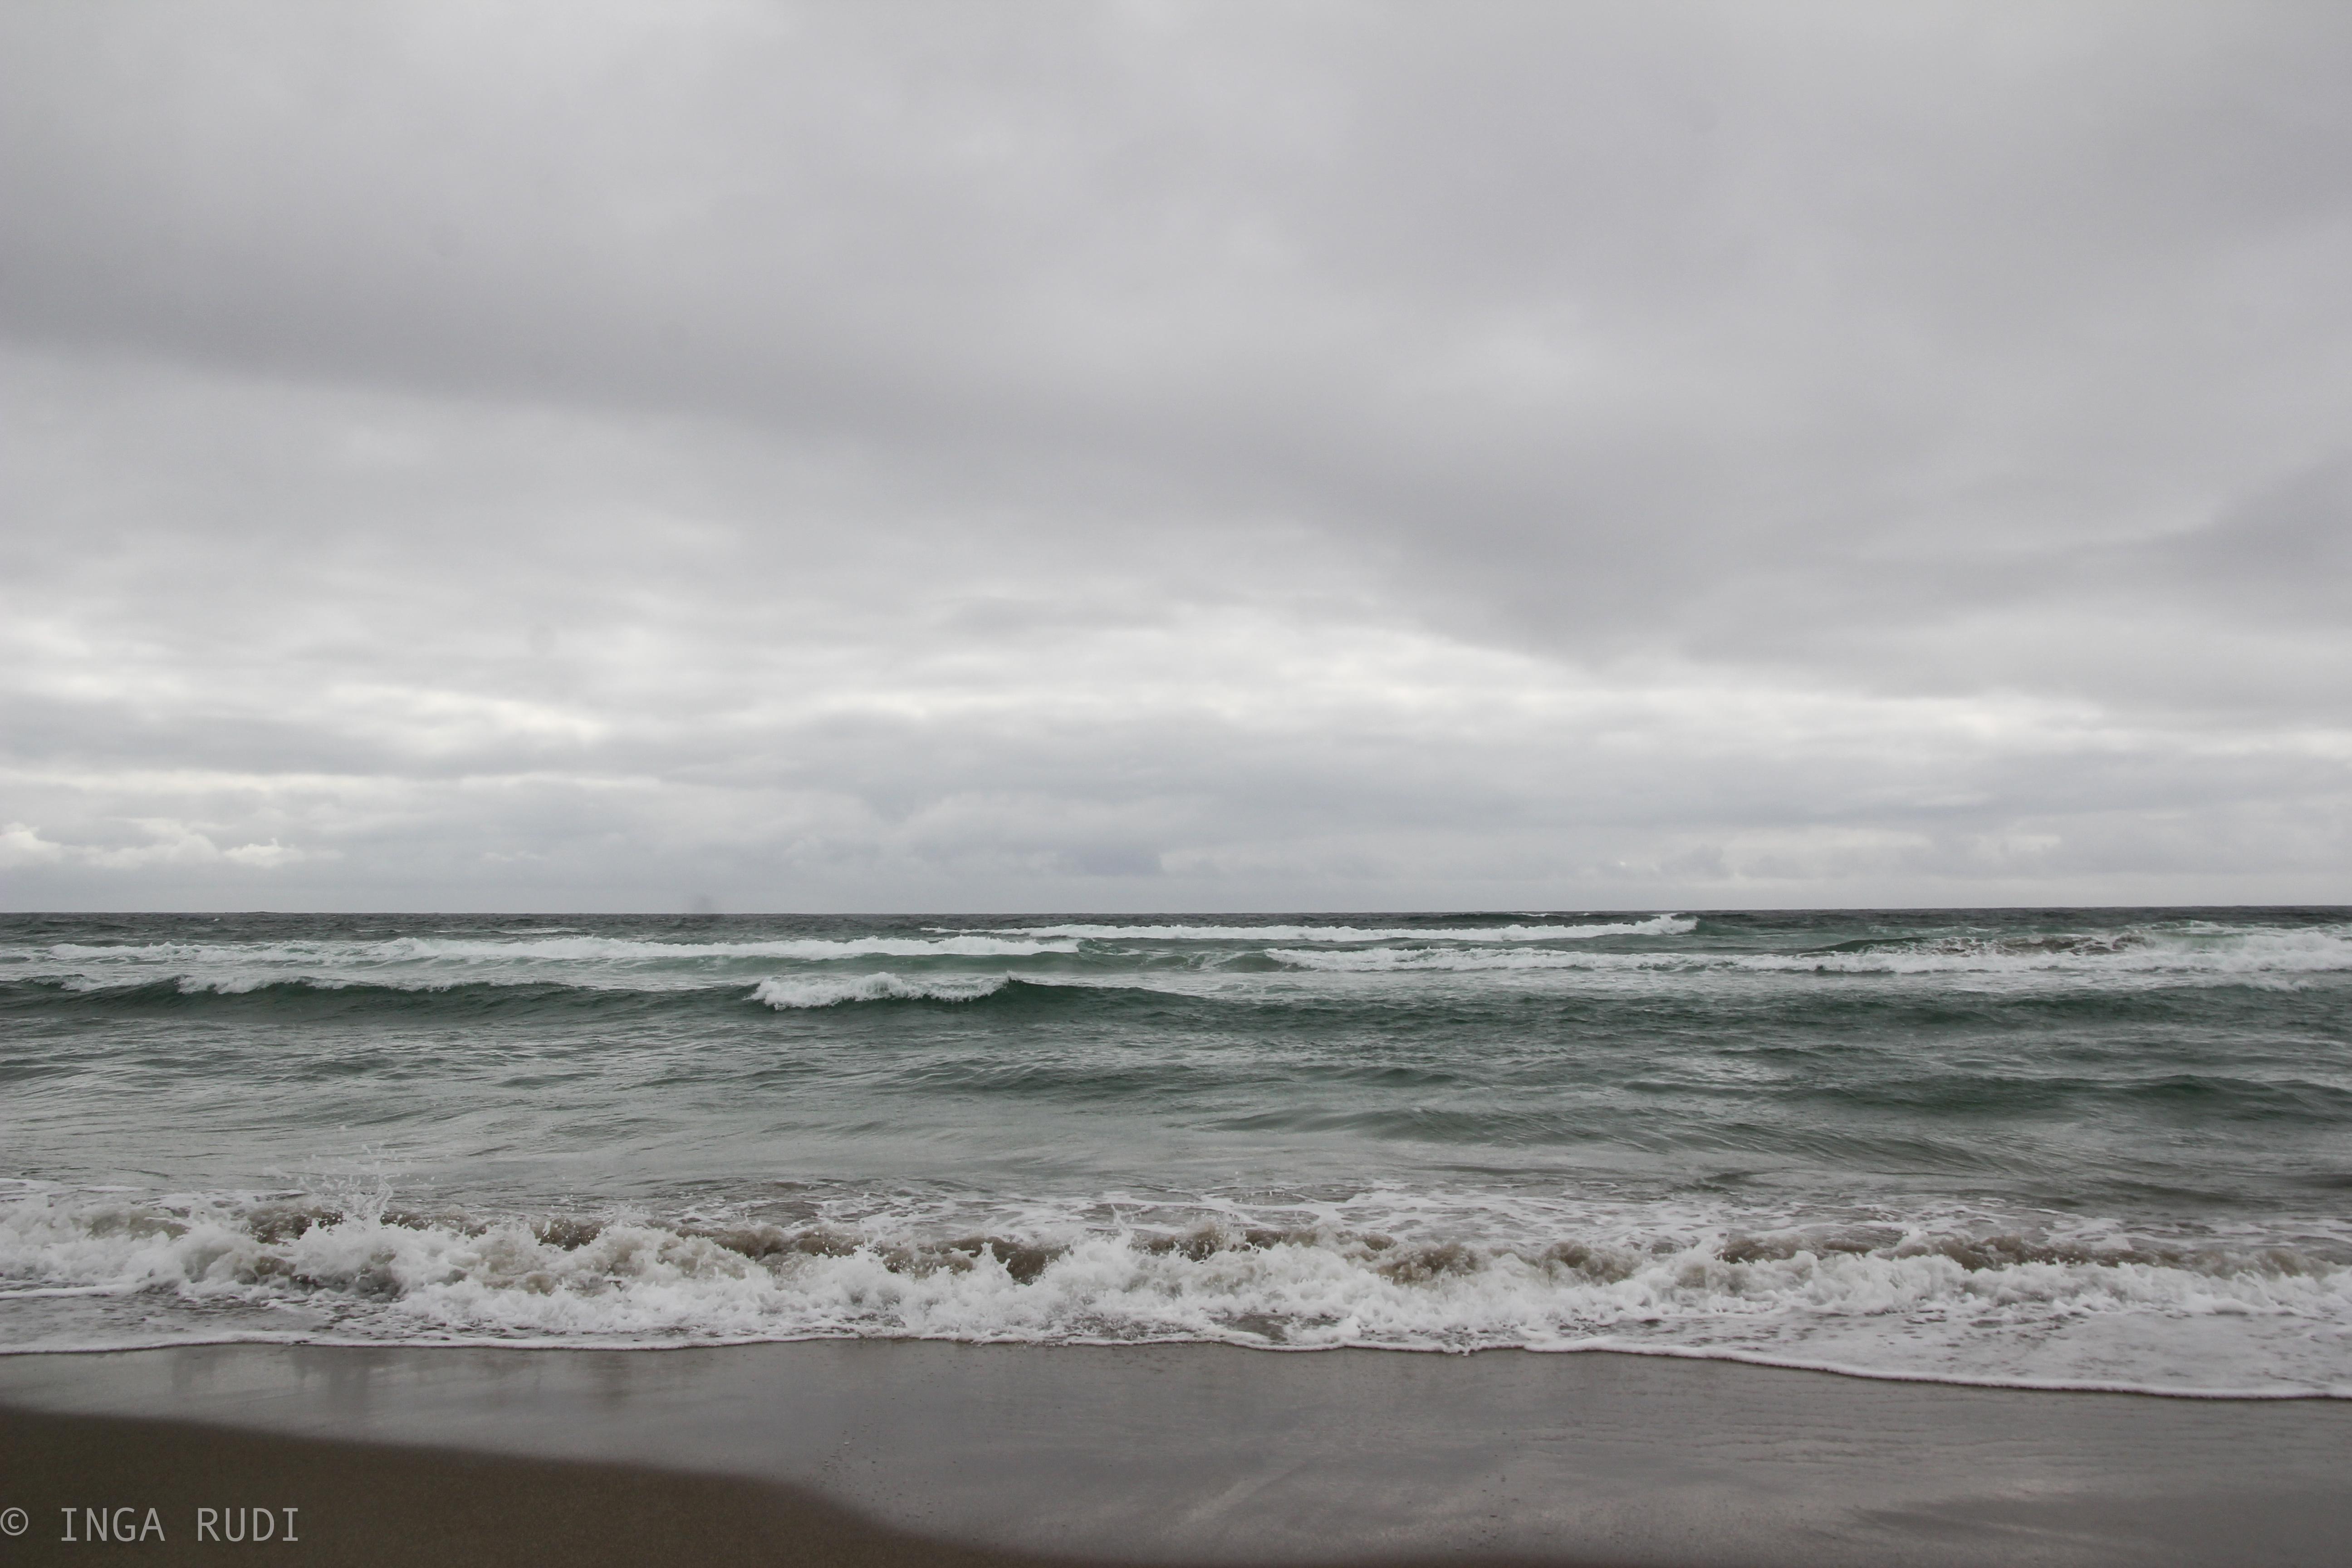 A beach in Jæren on a cloudy day – ingaphotography